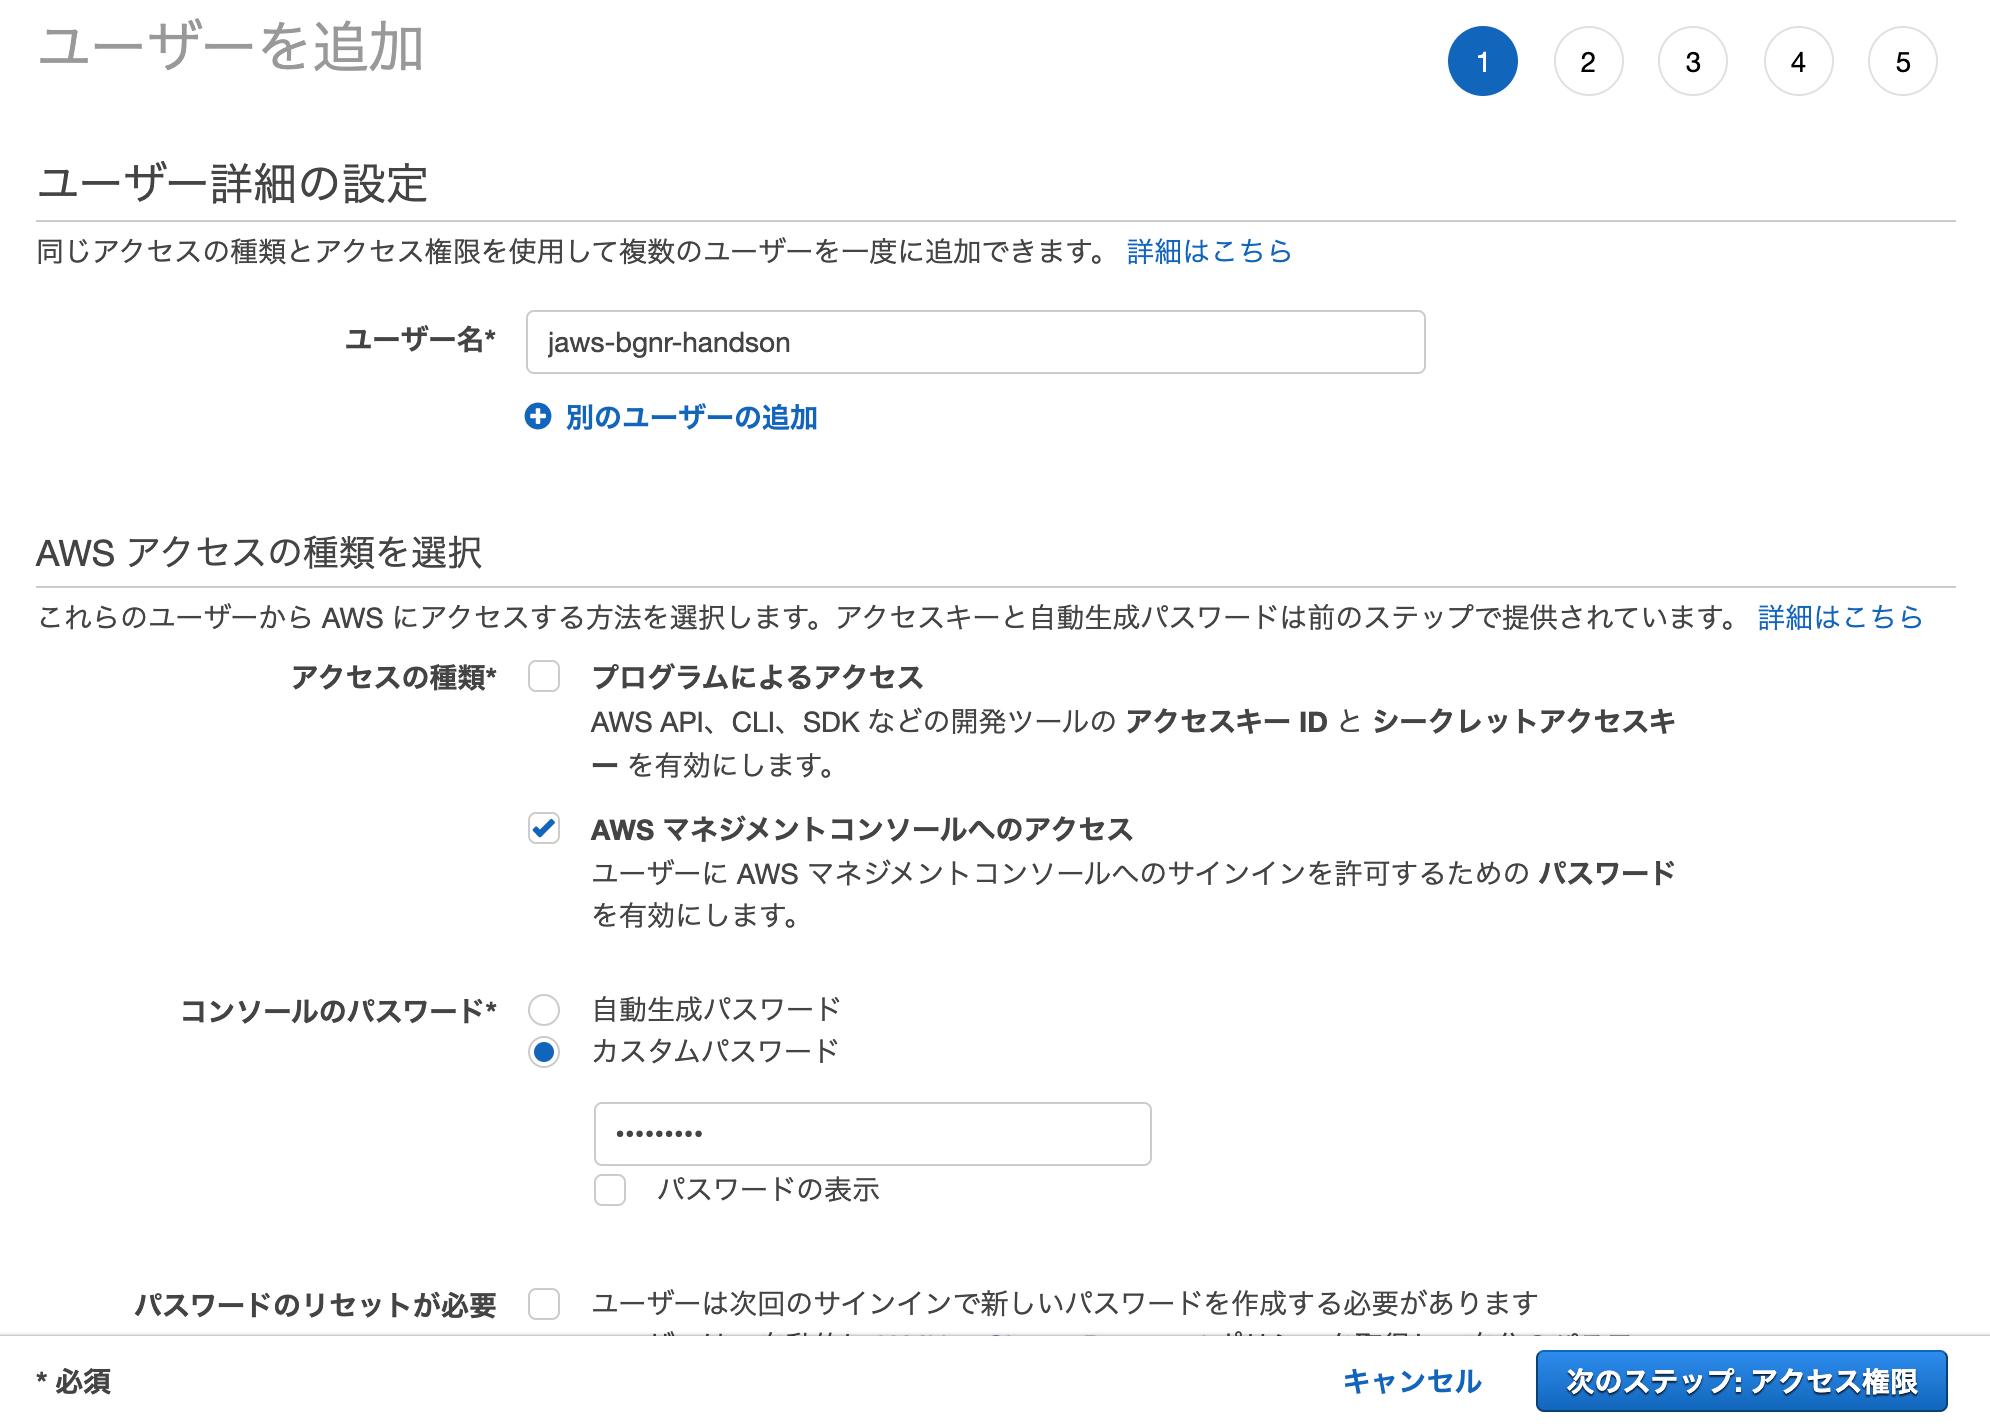 スクリーンショット 2020-01-14 14.49.56.png